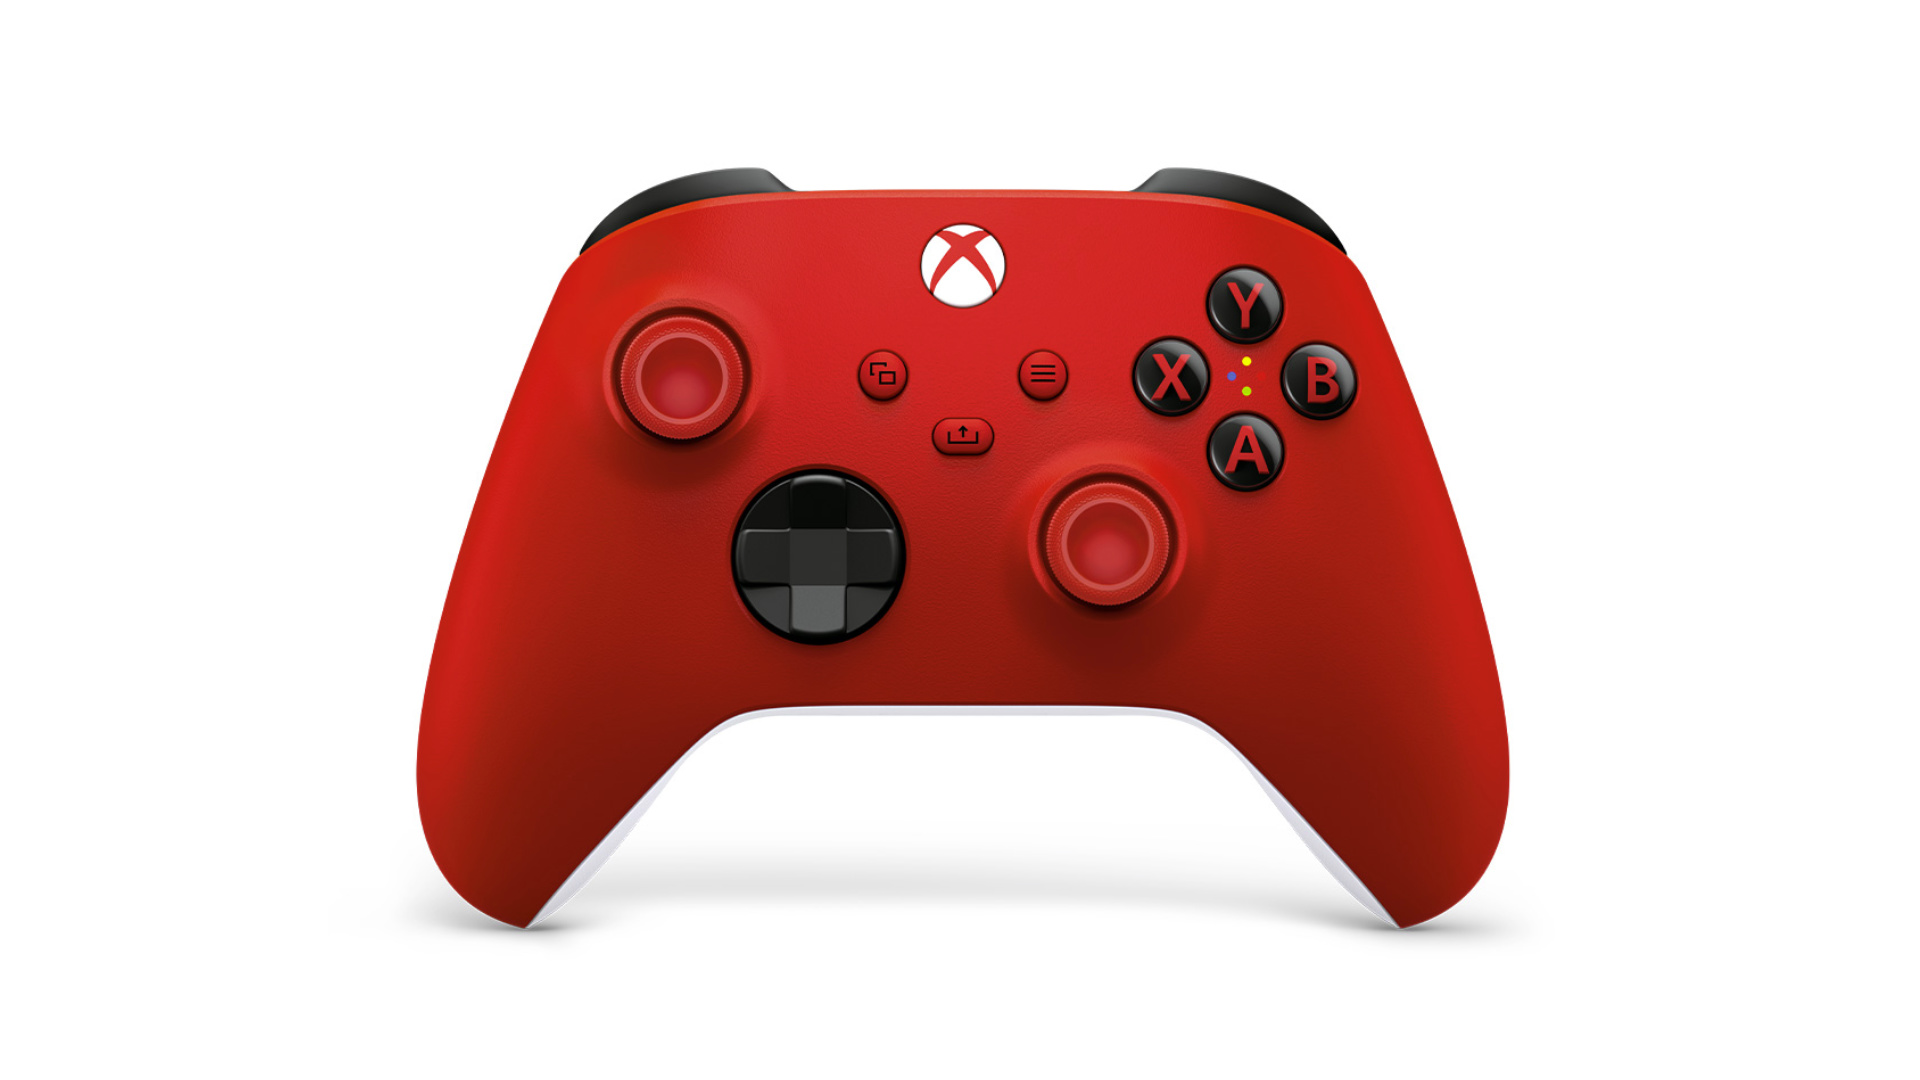 Kontroler bezprzewodowy Xbox - Pulse Red